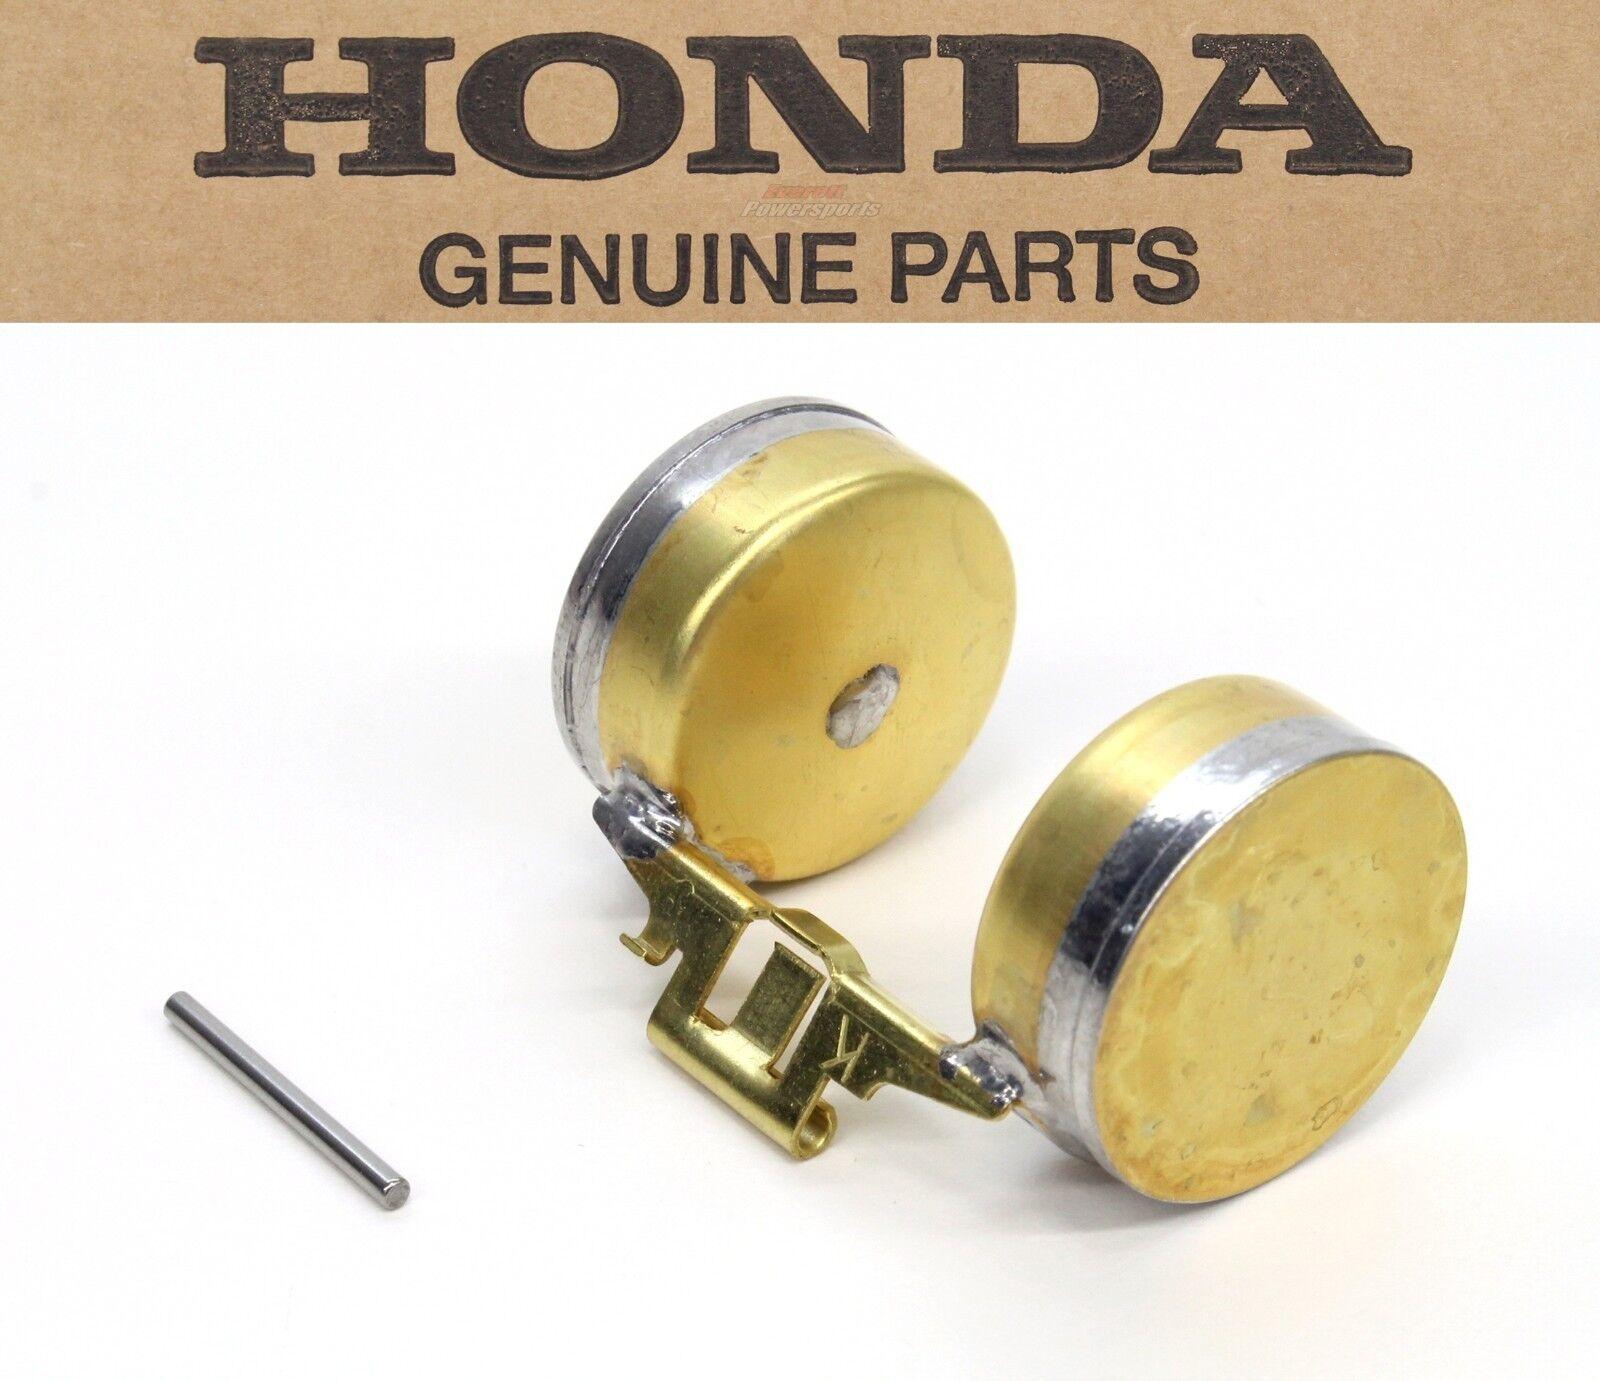 New Honda Carburetor Float CB50 XR75 XR80 XR80R CRF80 CRF80 Carb